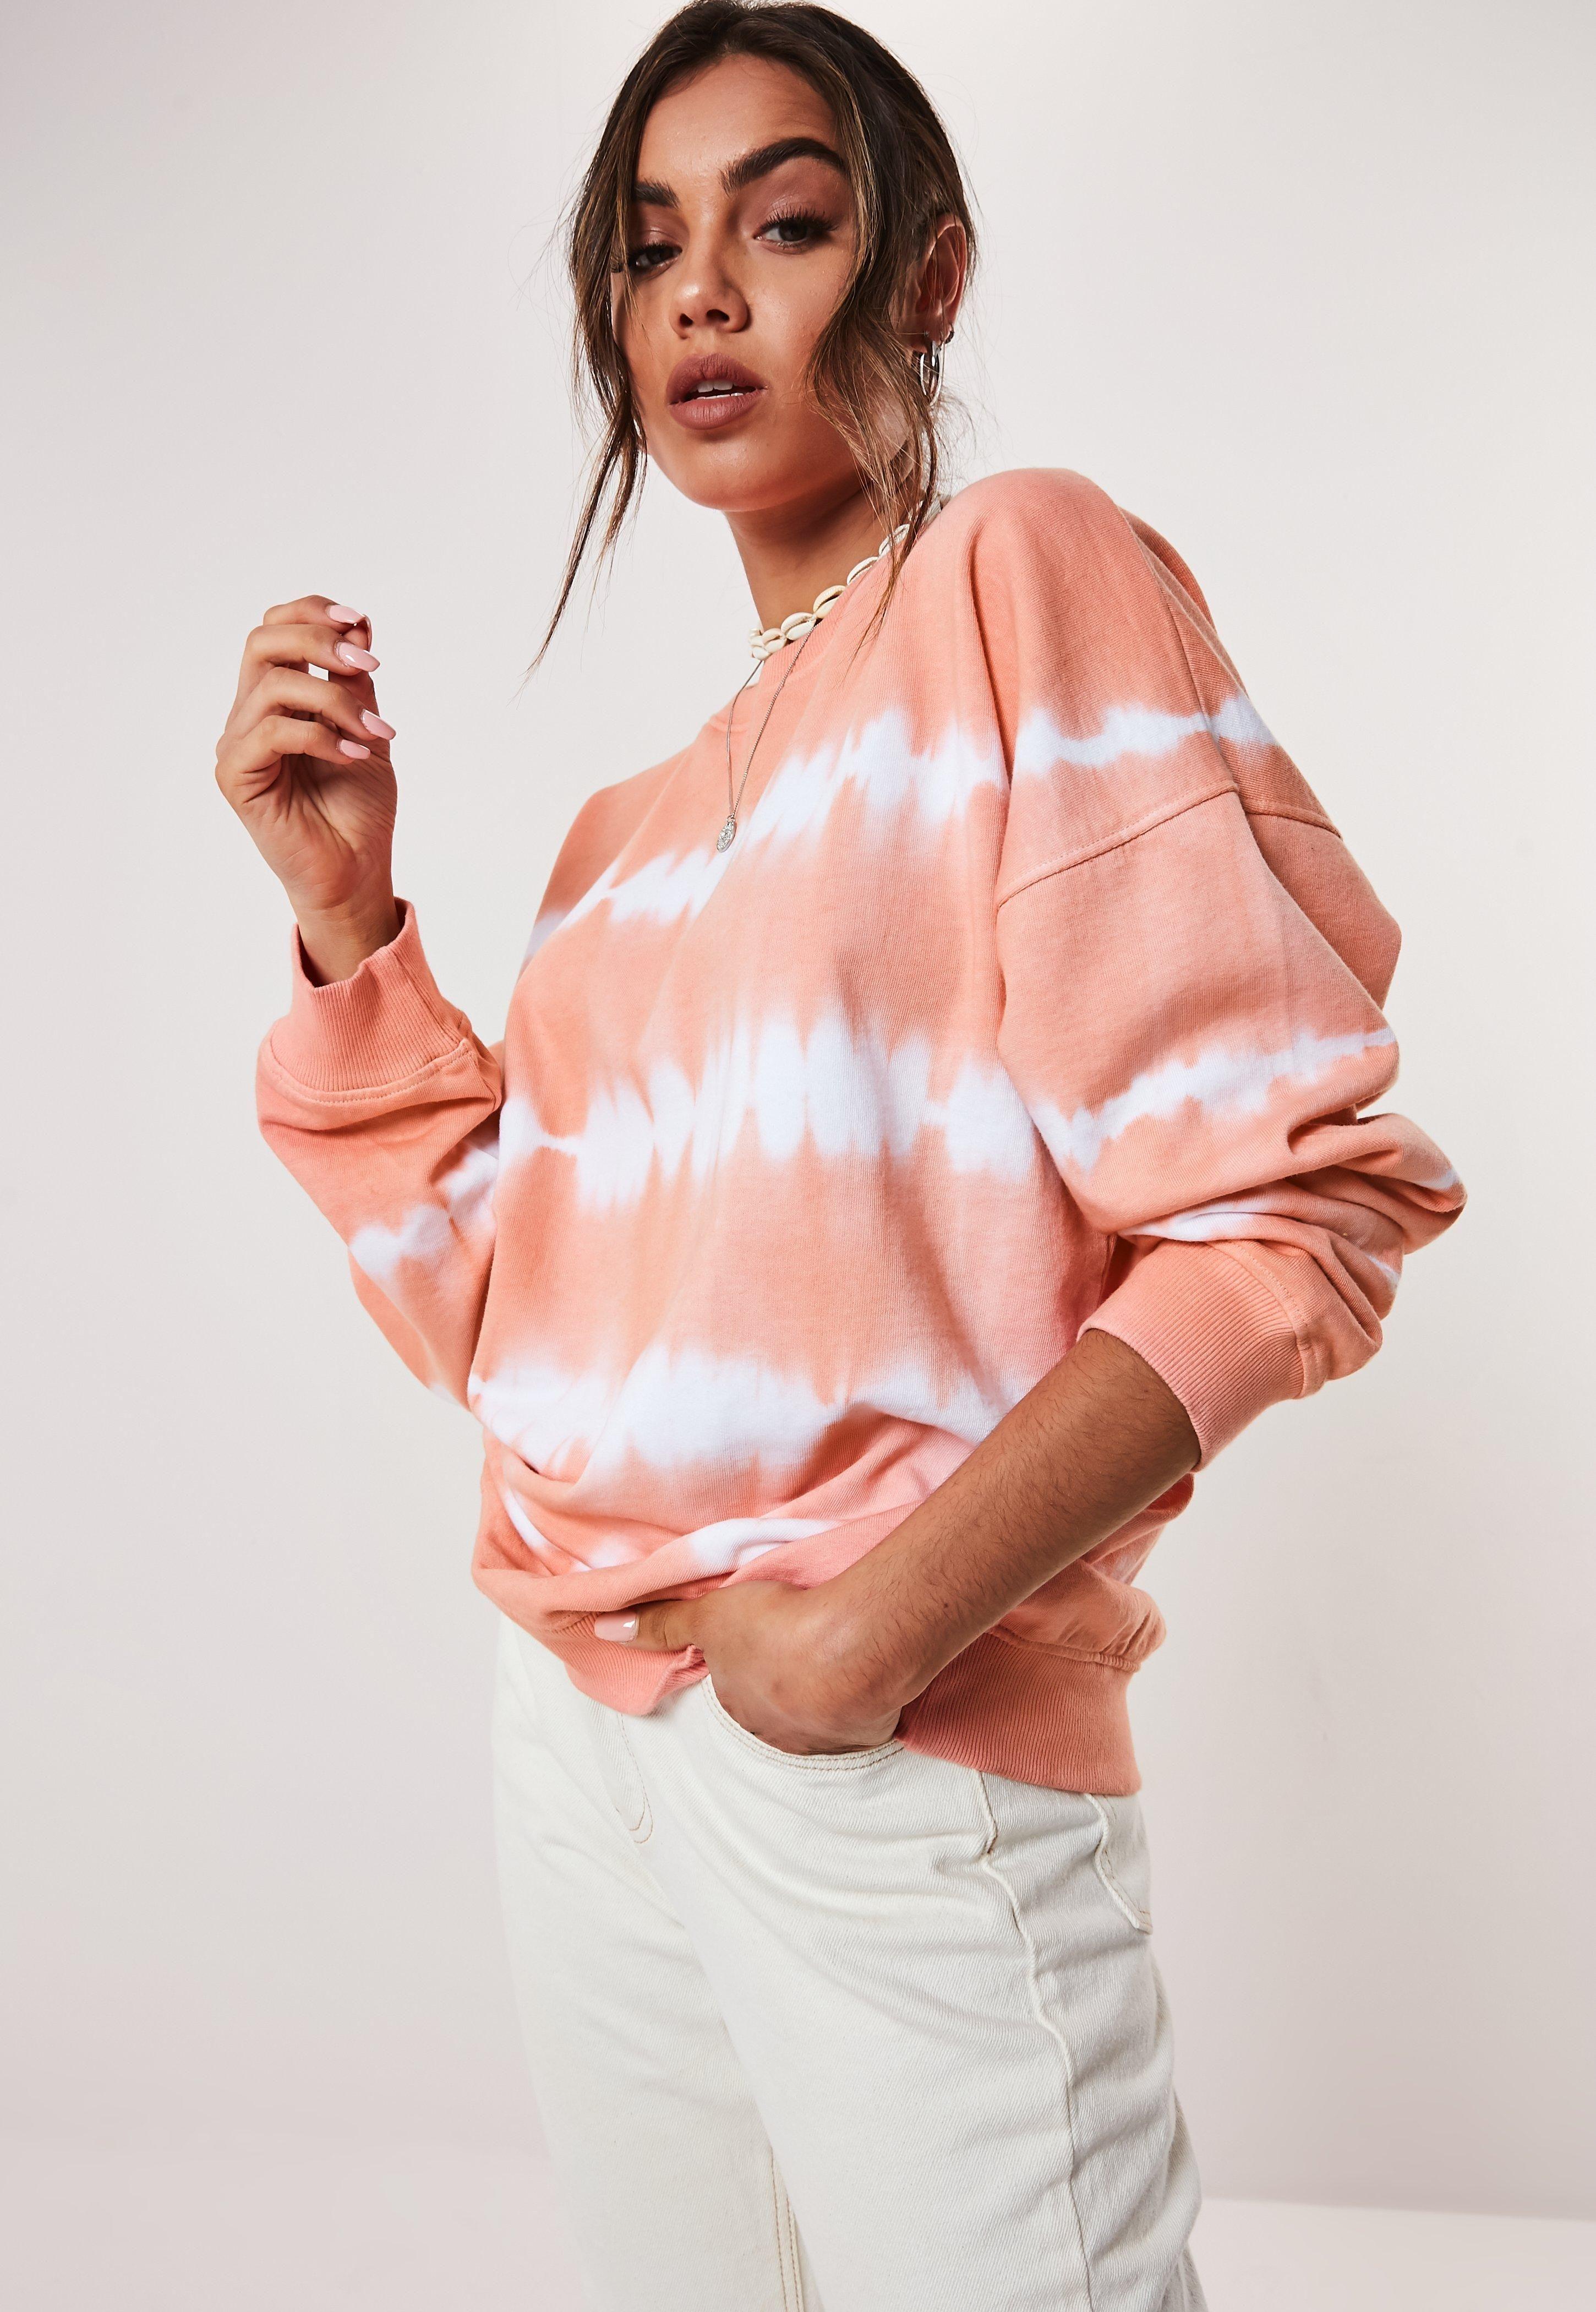 Pink Tie Dye Sweatshirt Sponsored Tie Ad Pink Sweatshirt Tie Dye Tops Tie Dye Outfits Tie Dye Shirts [ 4200 x 2900 Pixel ]